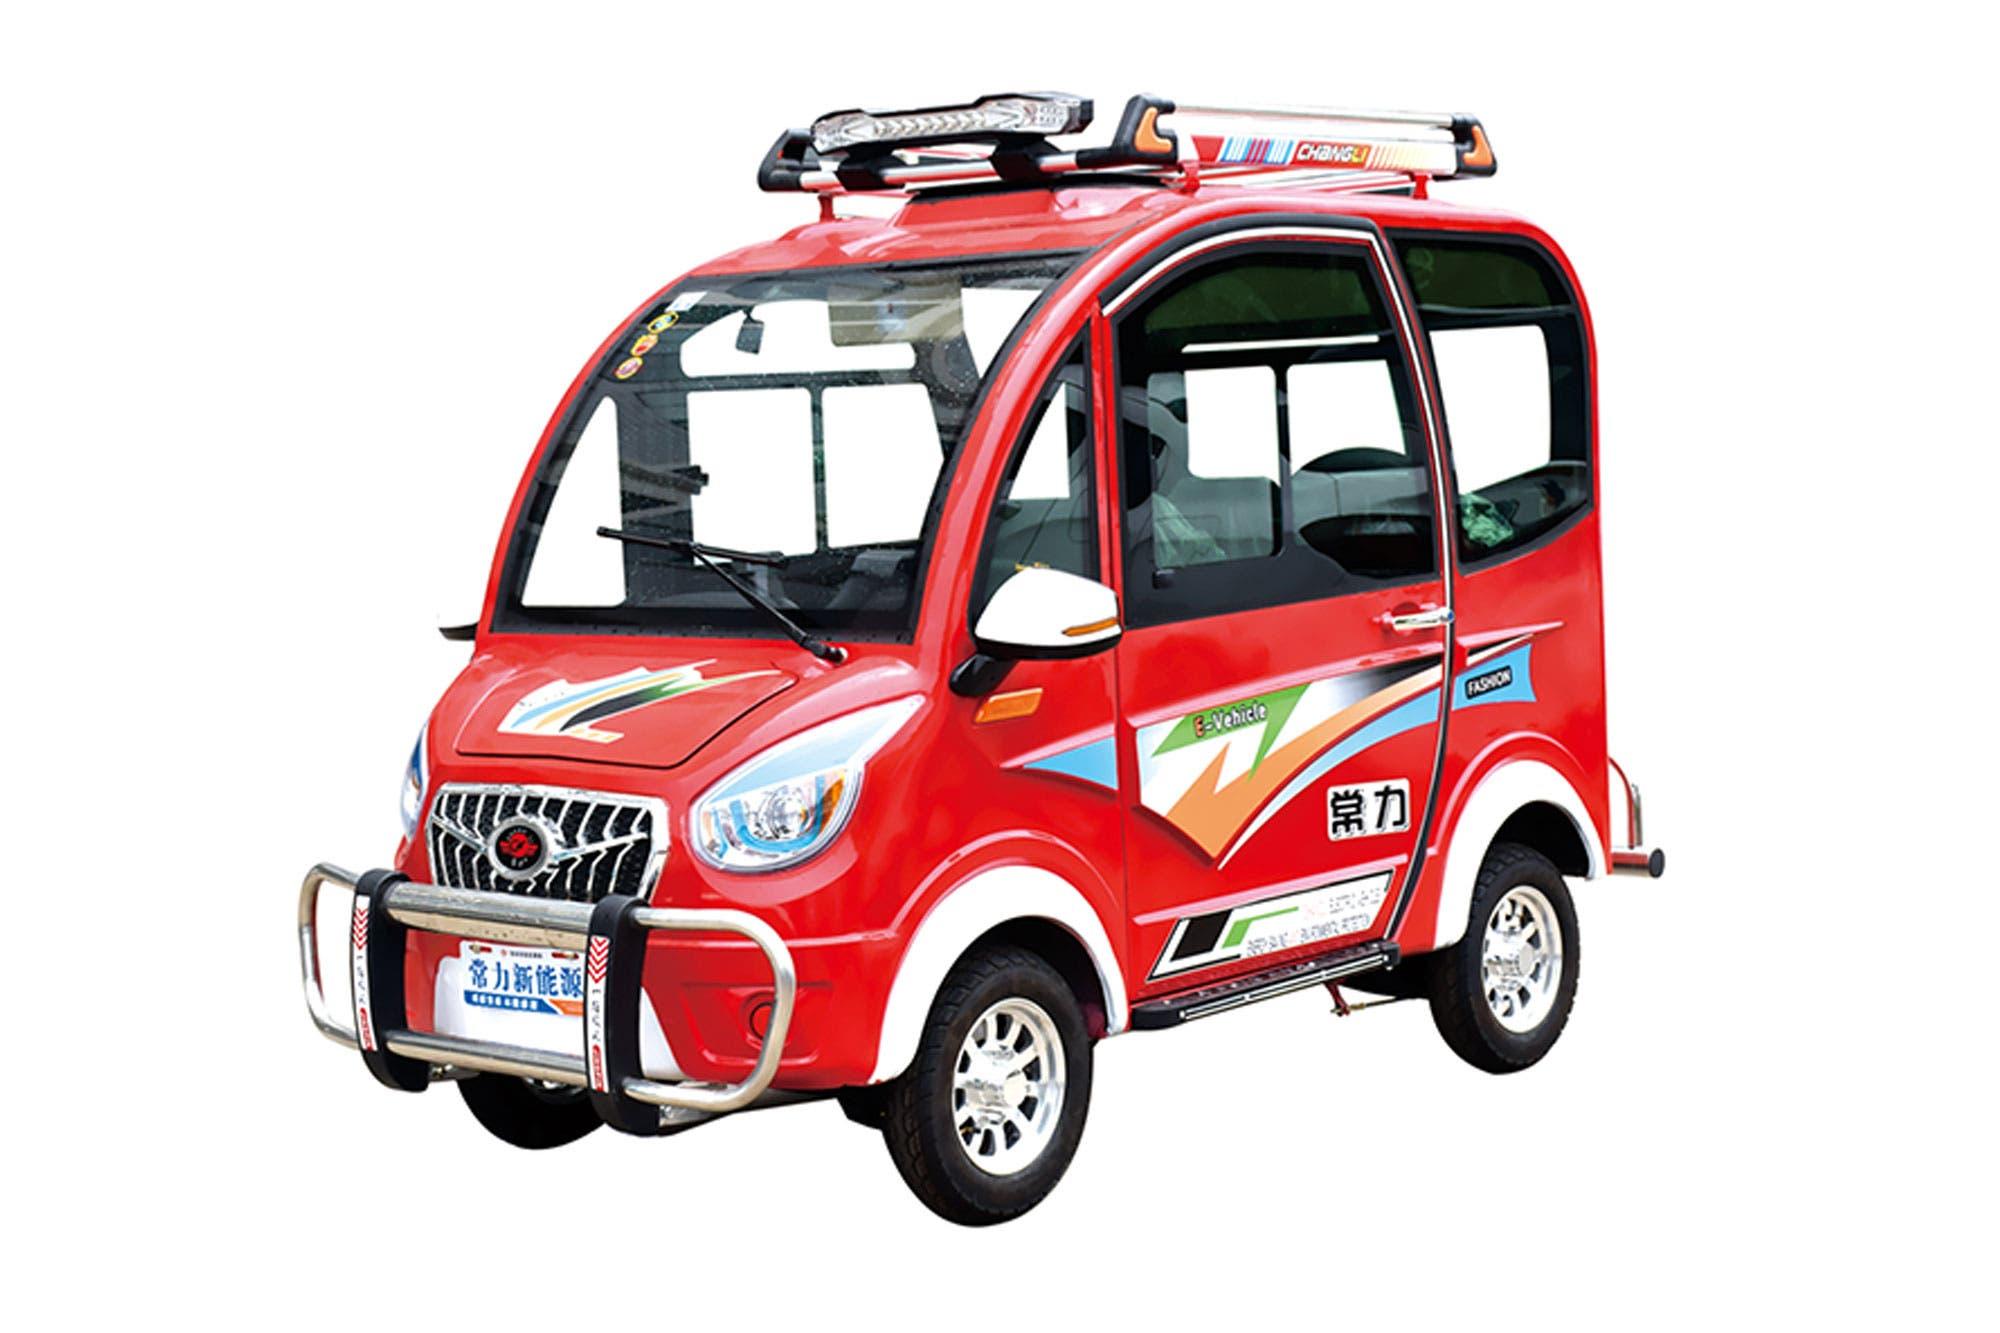 A la venta por 930 dólares: así es Chang Li, el auto eléctrico chino más barato del mundo